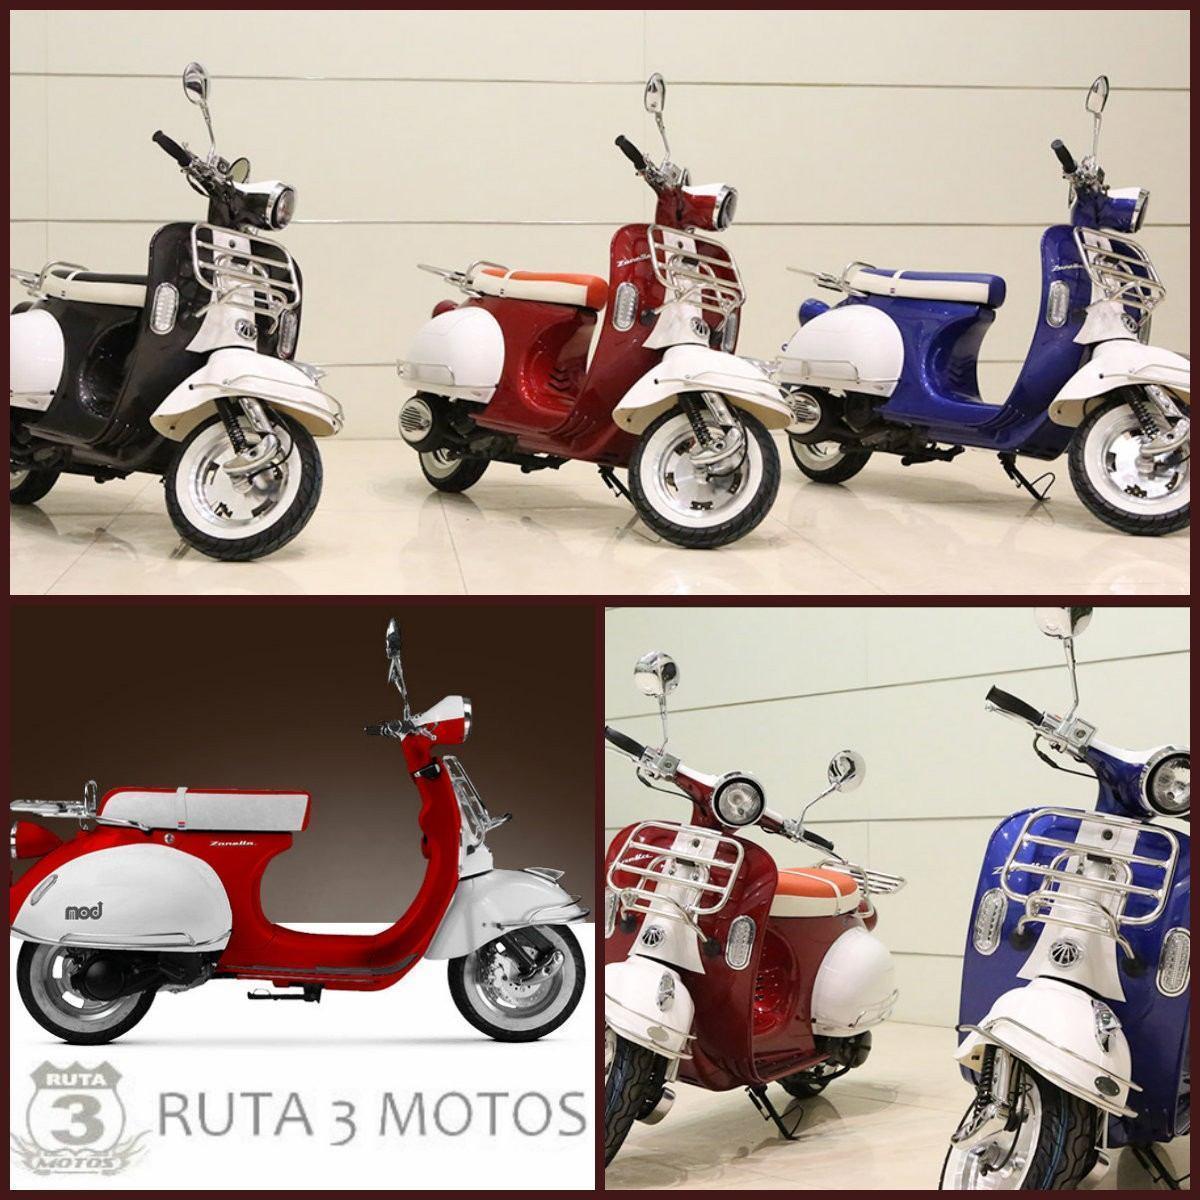 Moto Scooter Zanella 150 Mod 0km 2017